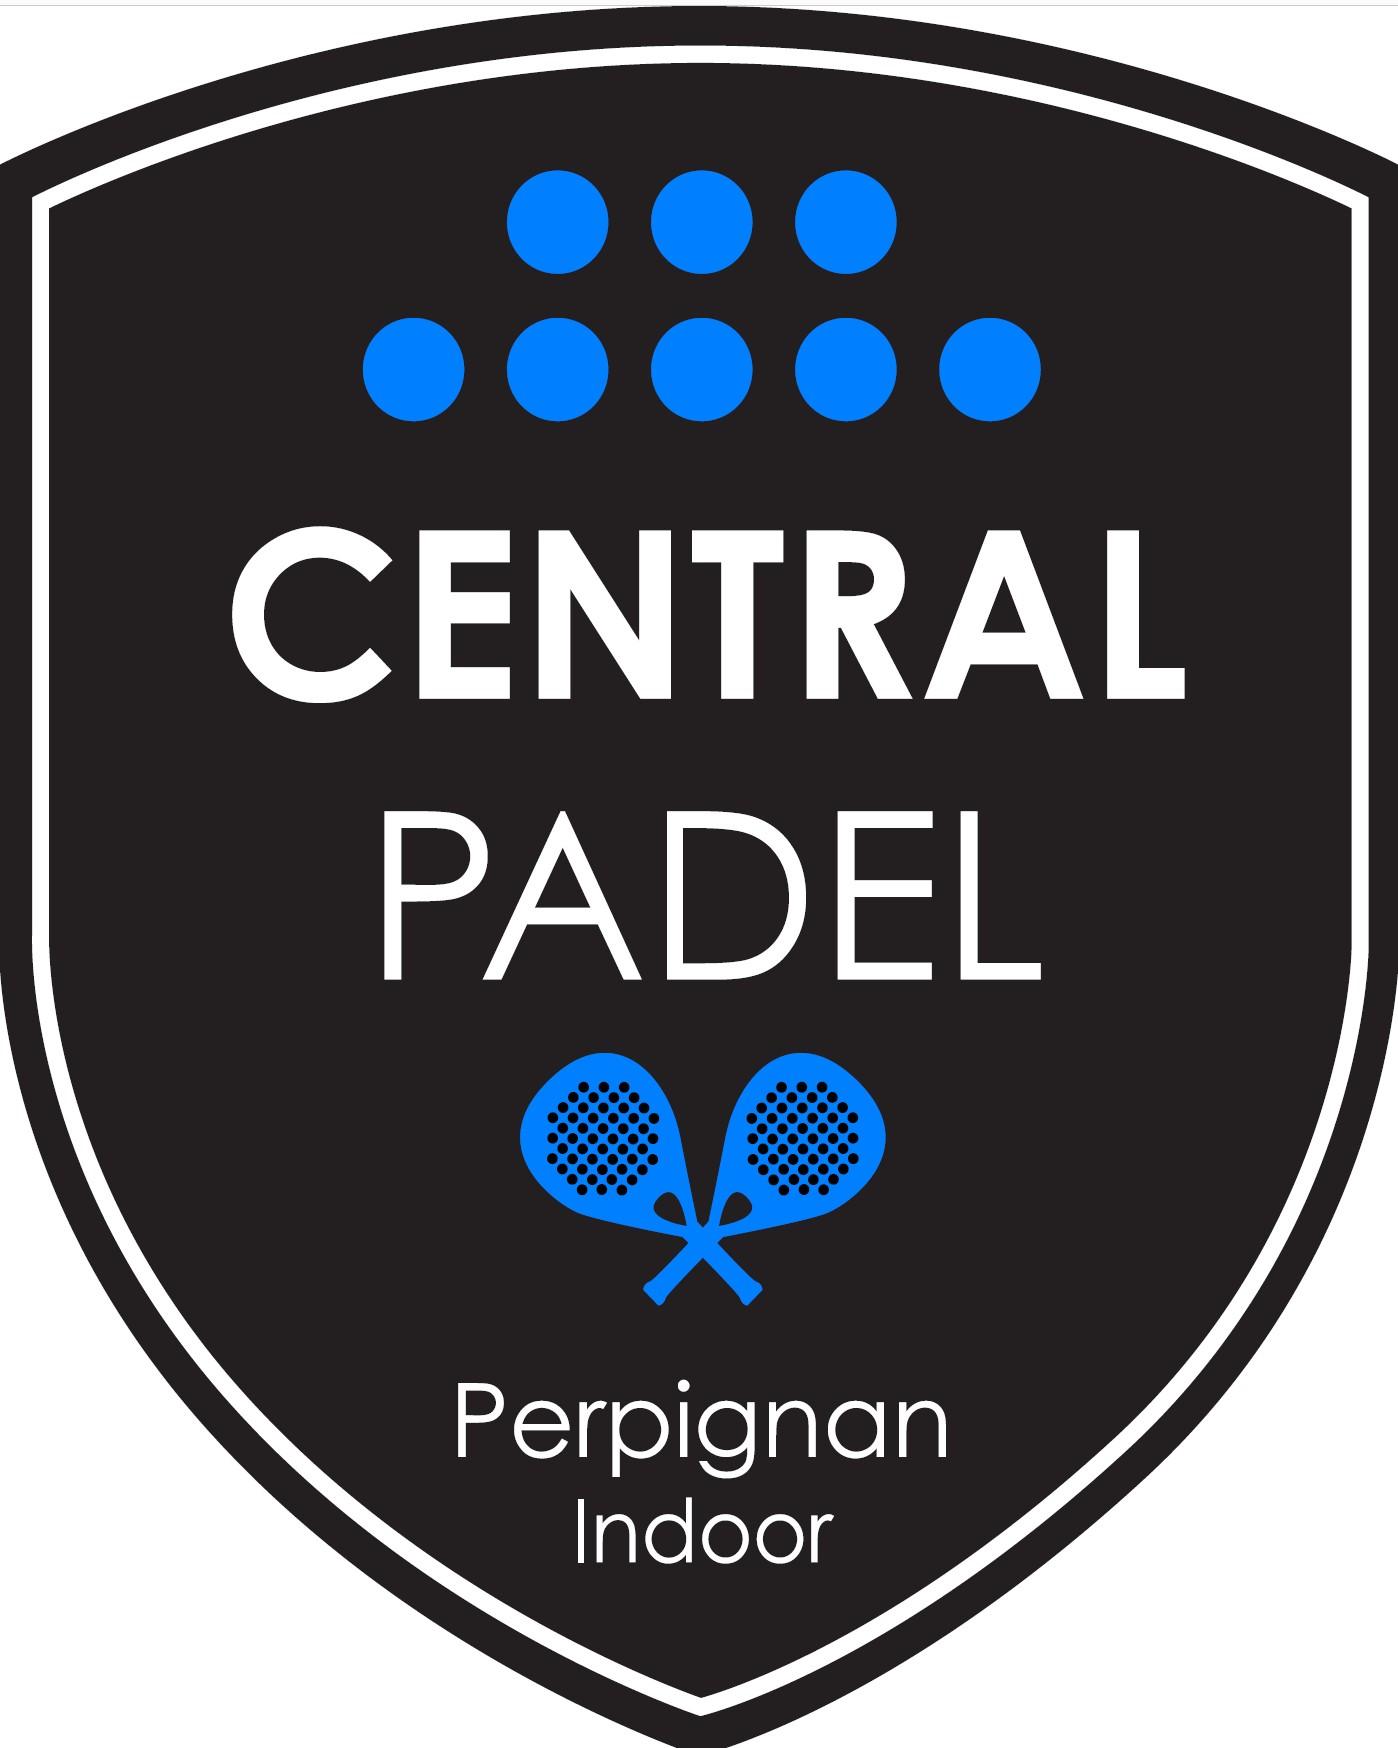 Central Padel